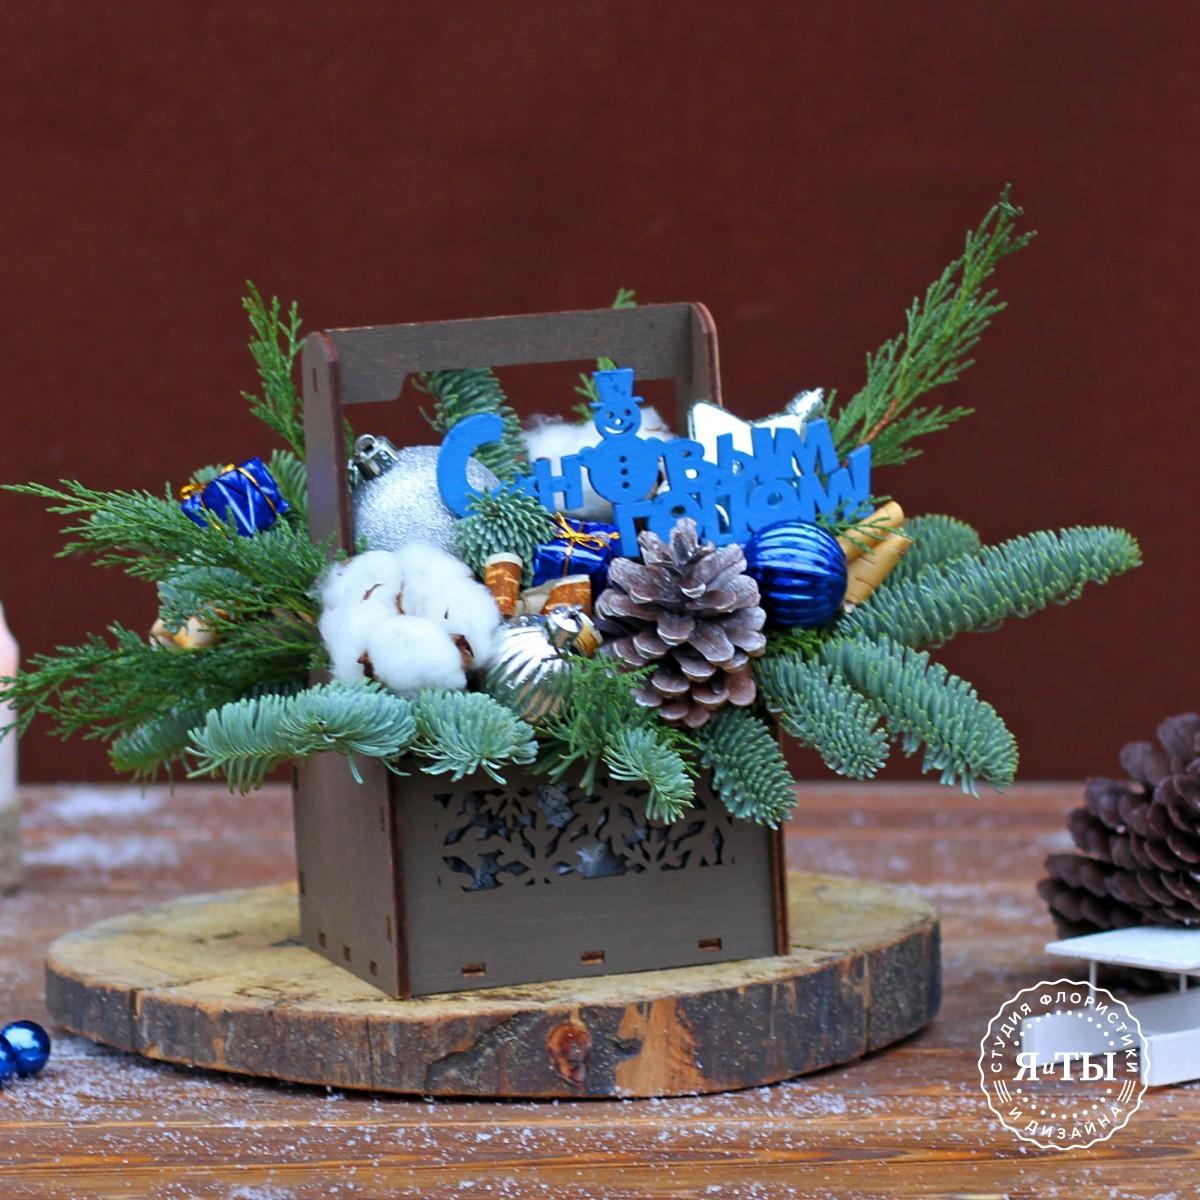 Сине-серебристая композиция в деревянном ящичке